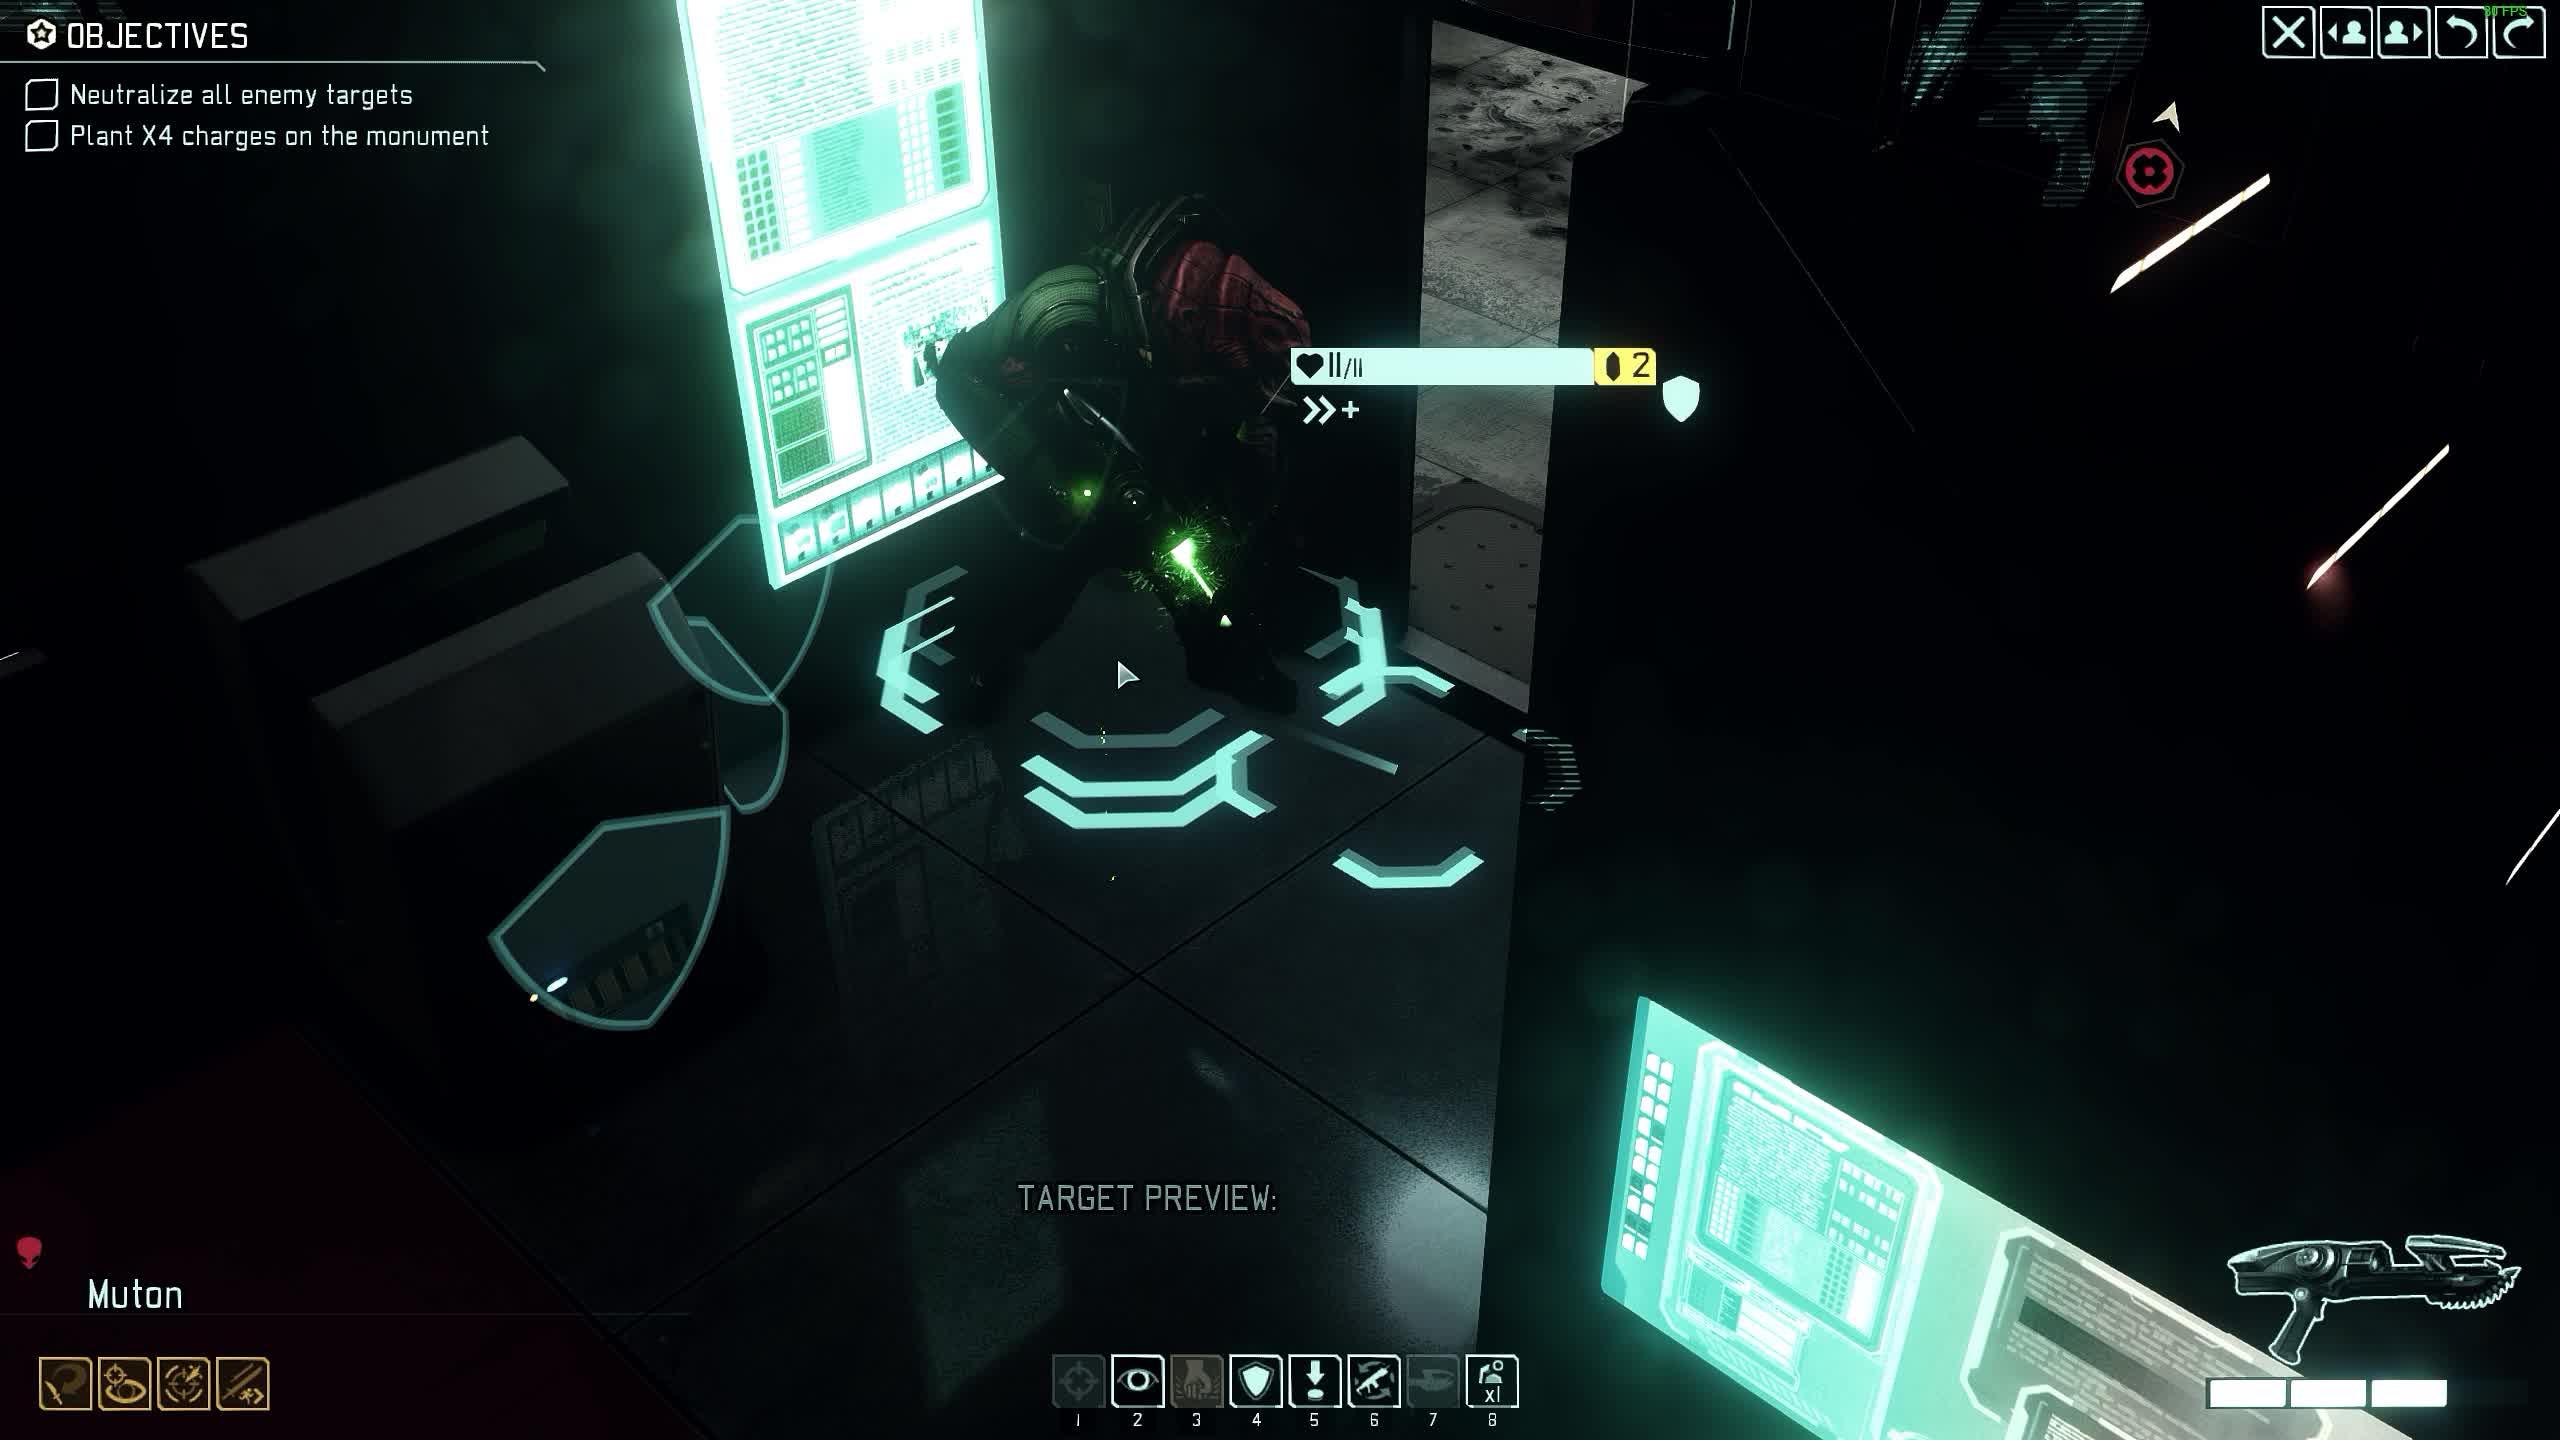 overwatch, XCOM 2 2018.12.08 - 21.44.13.01 GIFs